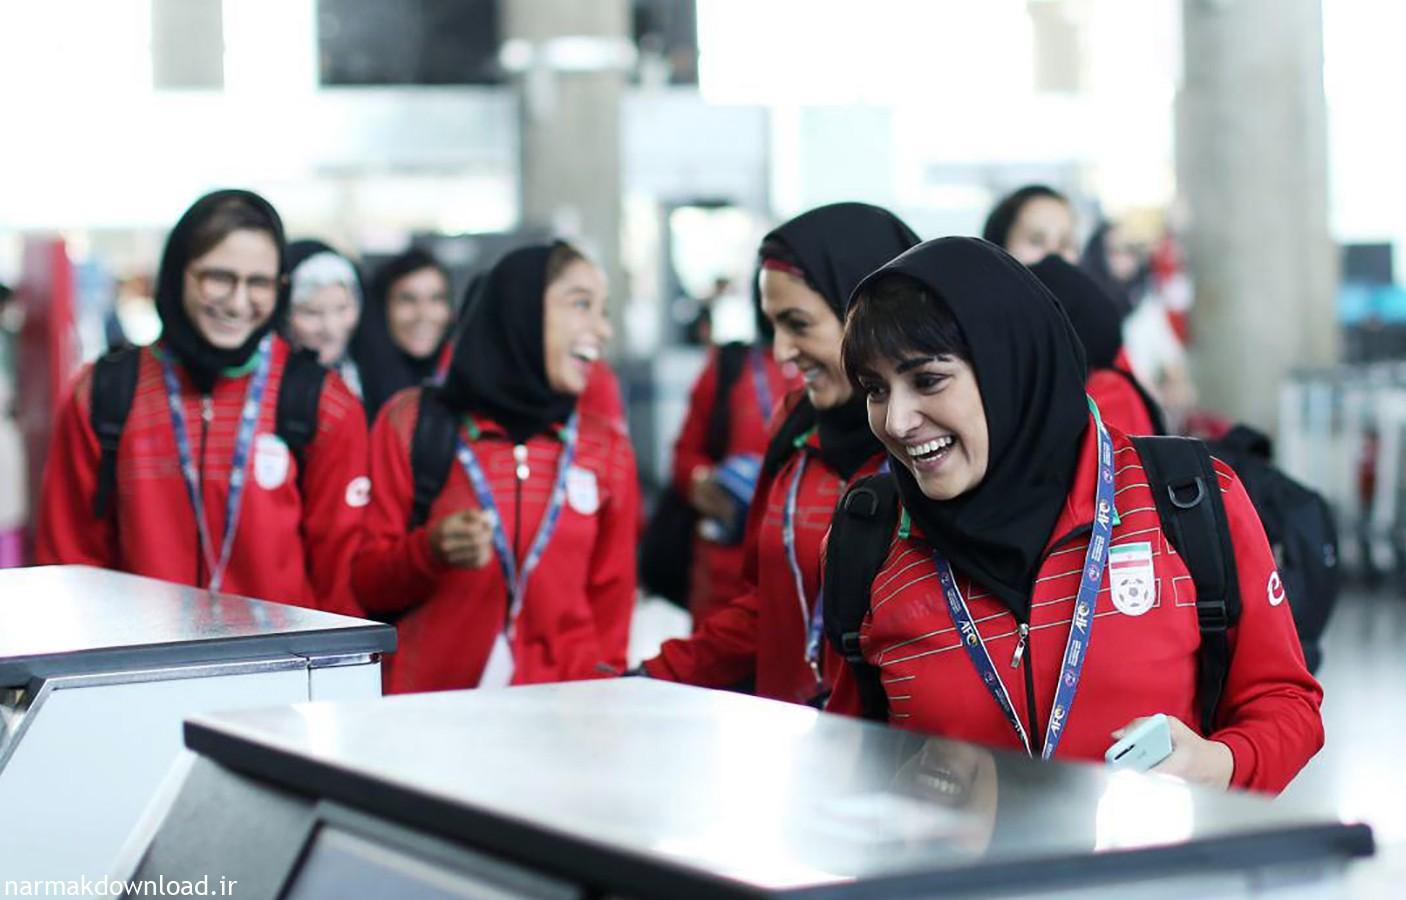 دانلود رایگان فیلم ایرانی,دانلود رایگان فیلم ایرانی عرق سرد,دانلود رایگان فیلم عرق سرد